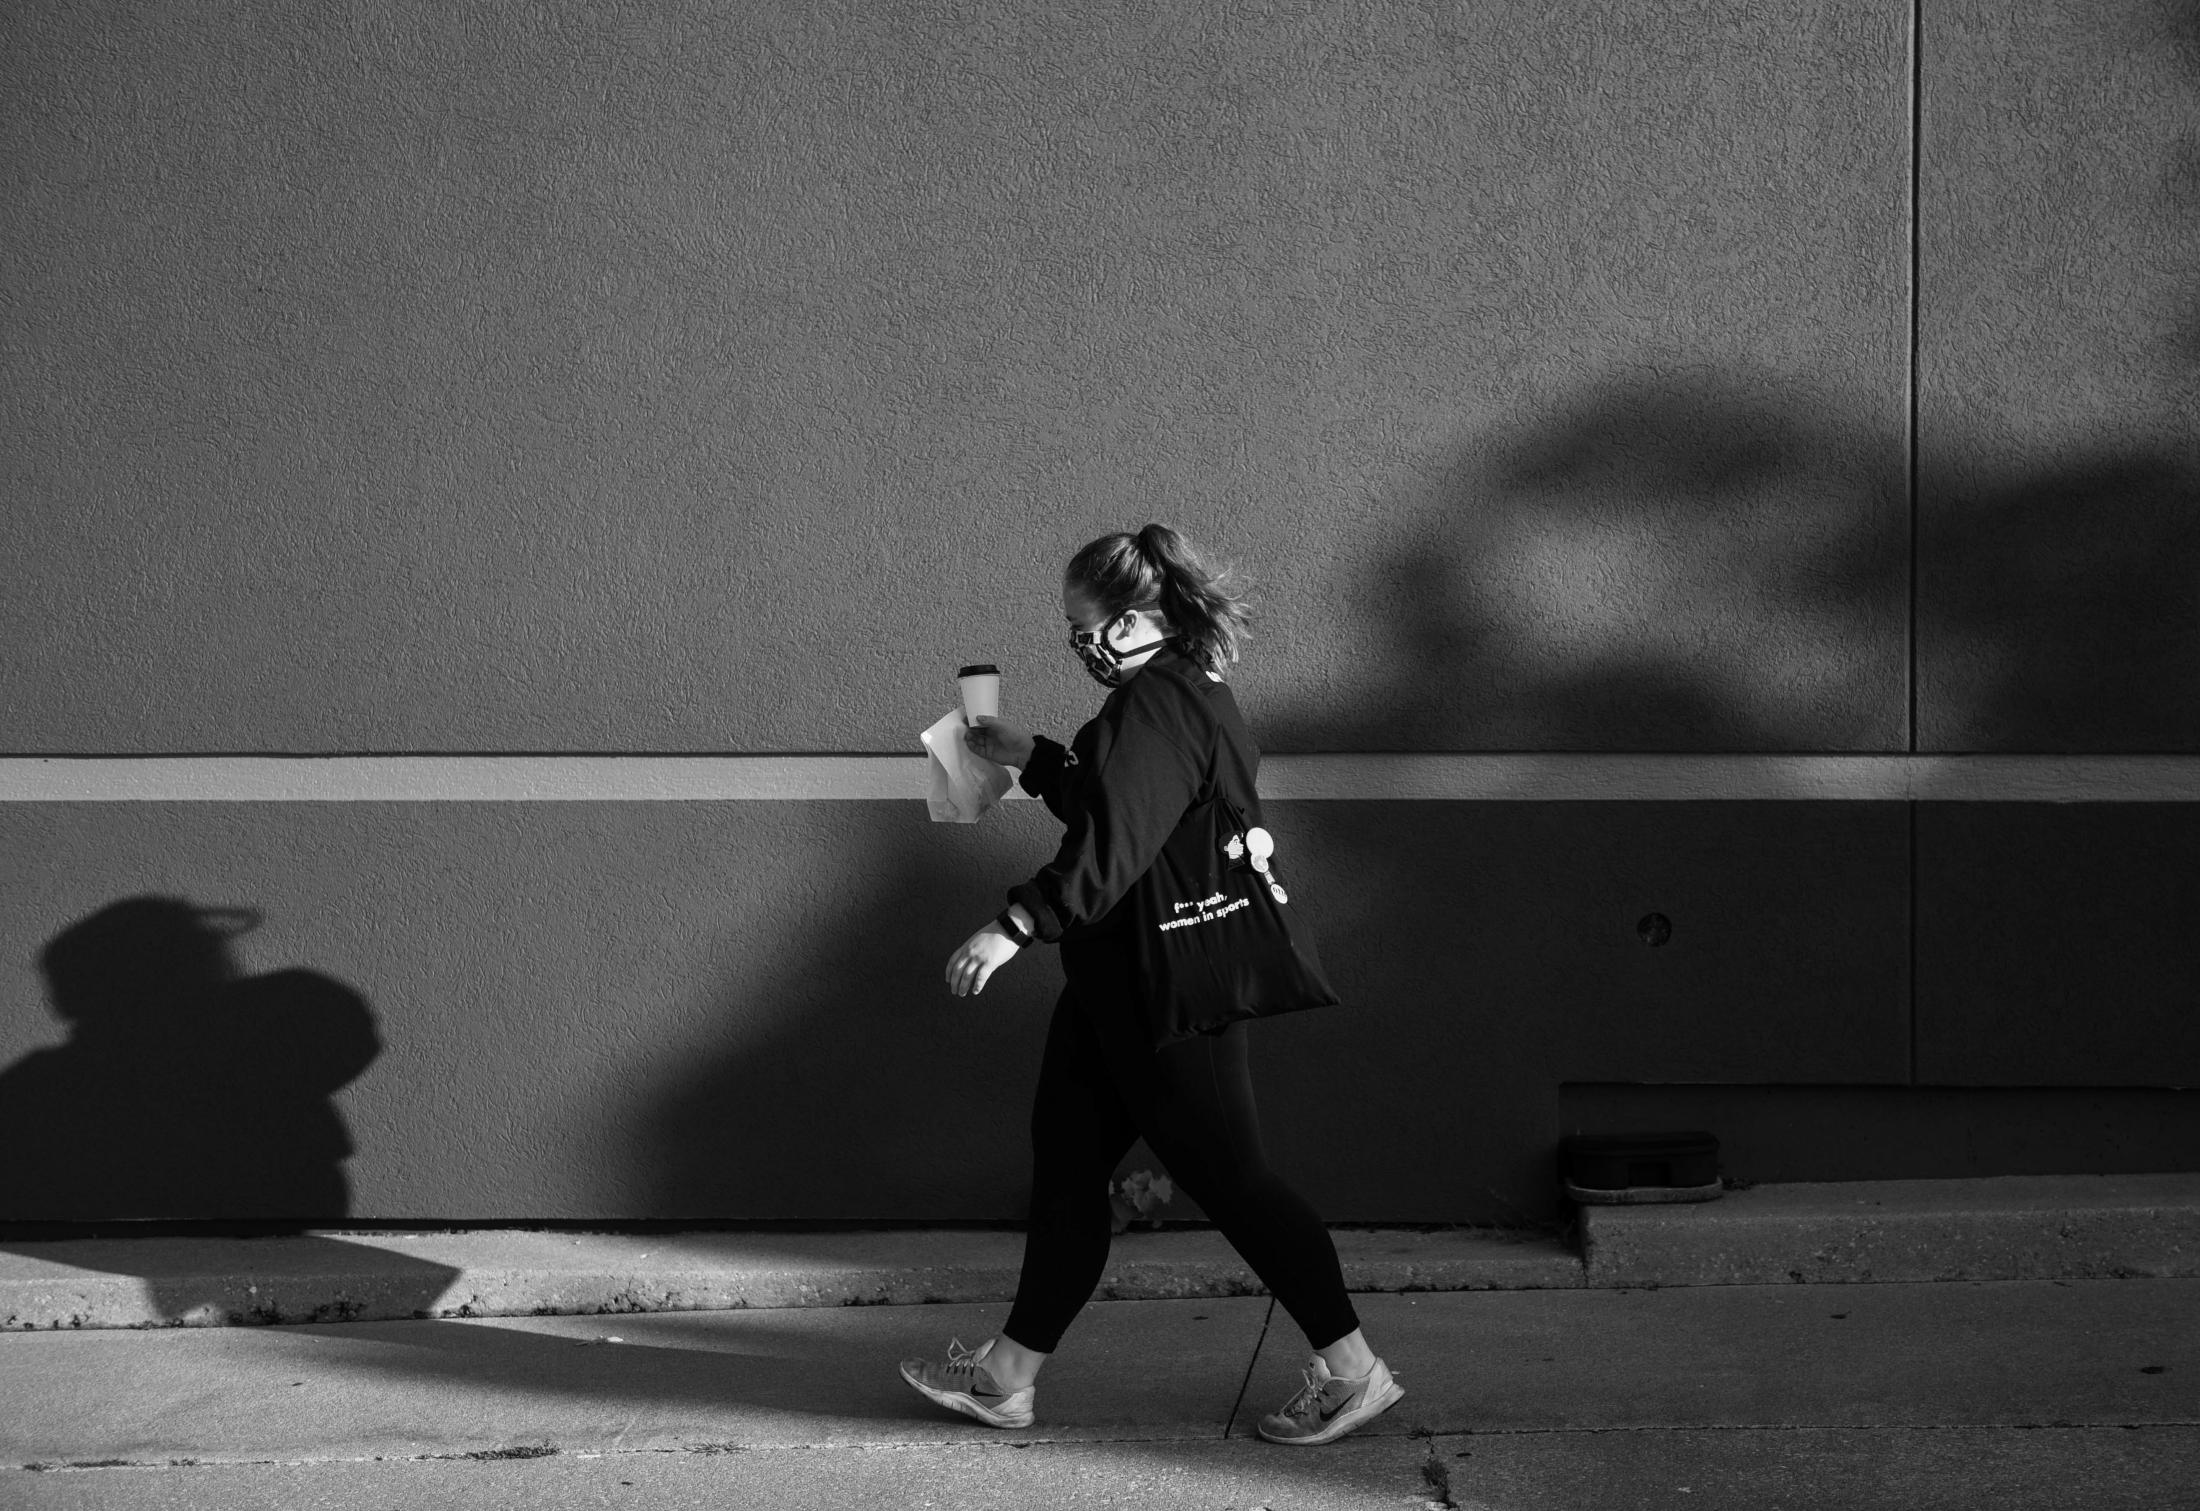 Art and Documentary Photography - Loading ER_EarlytoRise_final_05.JPG